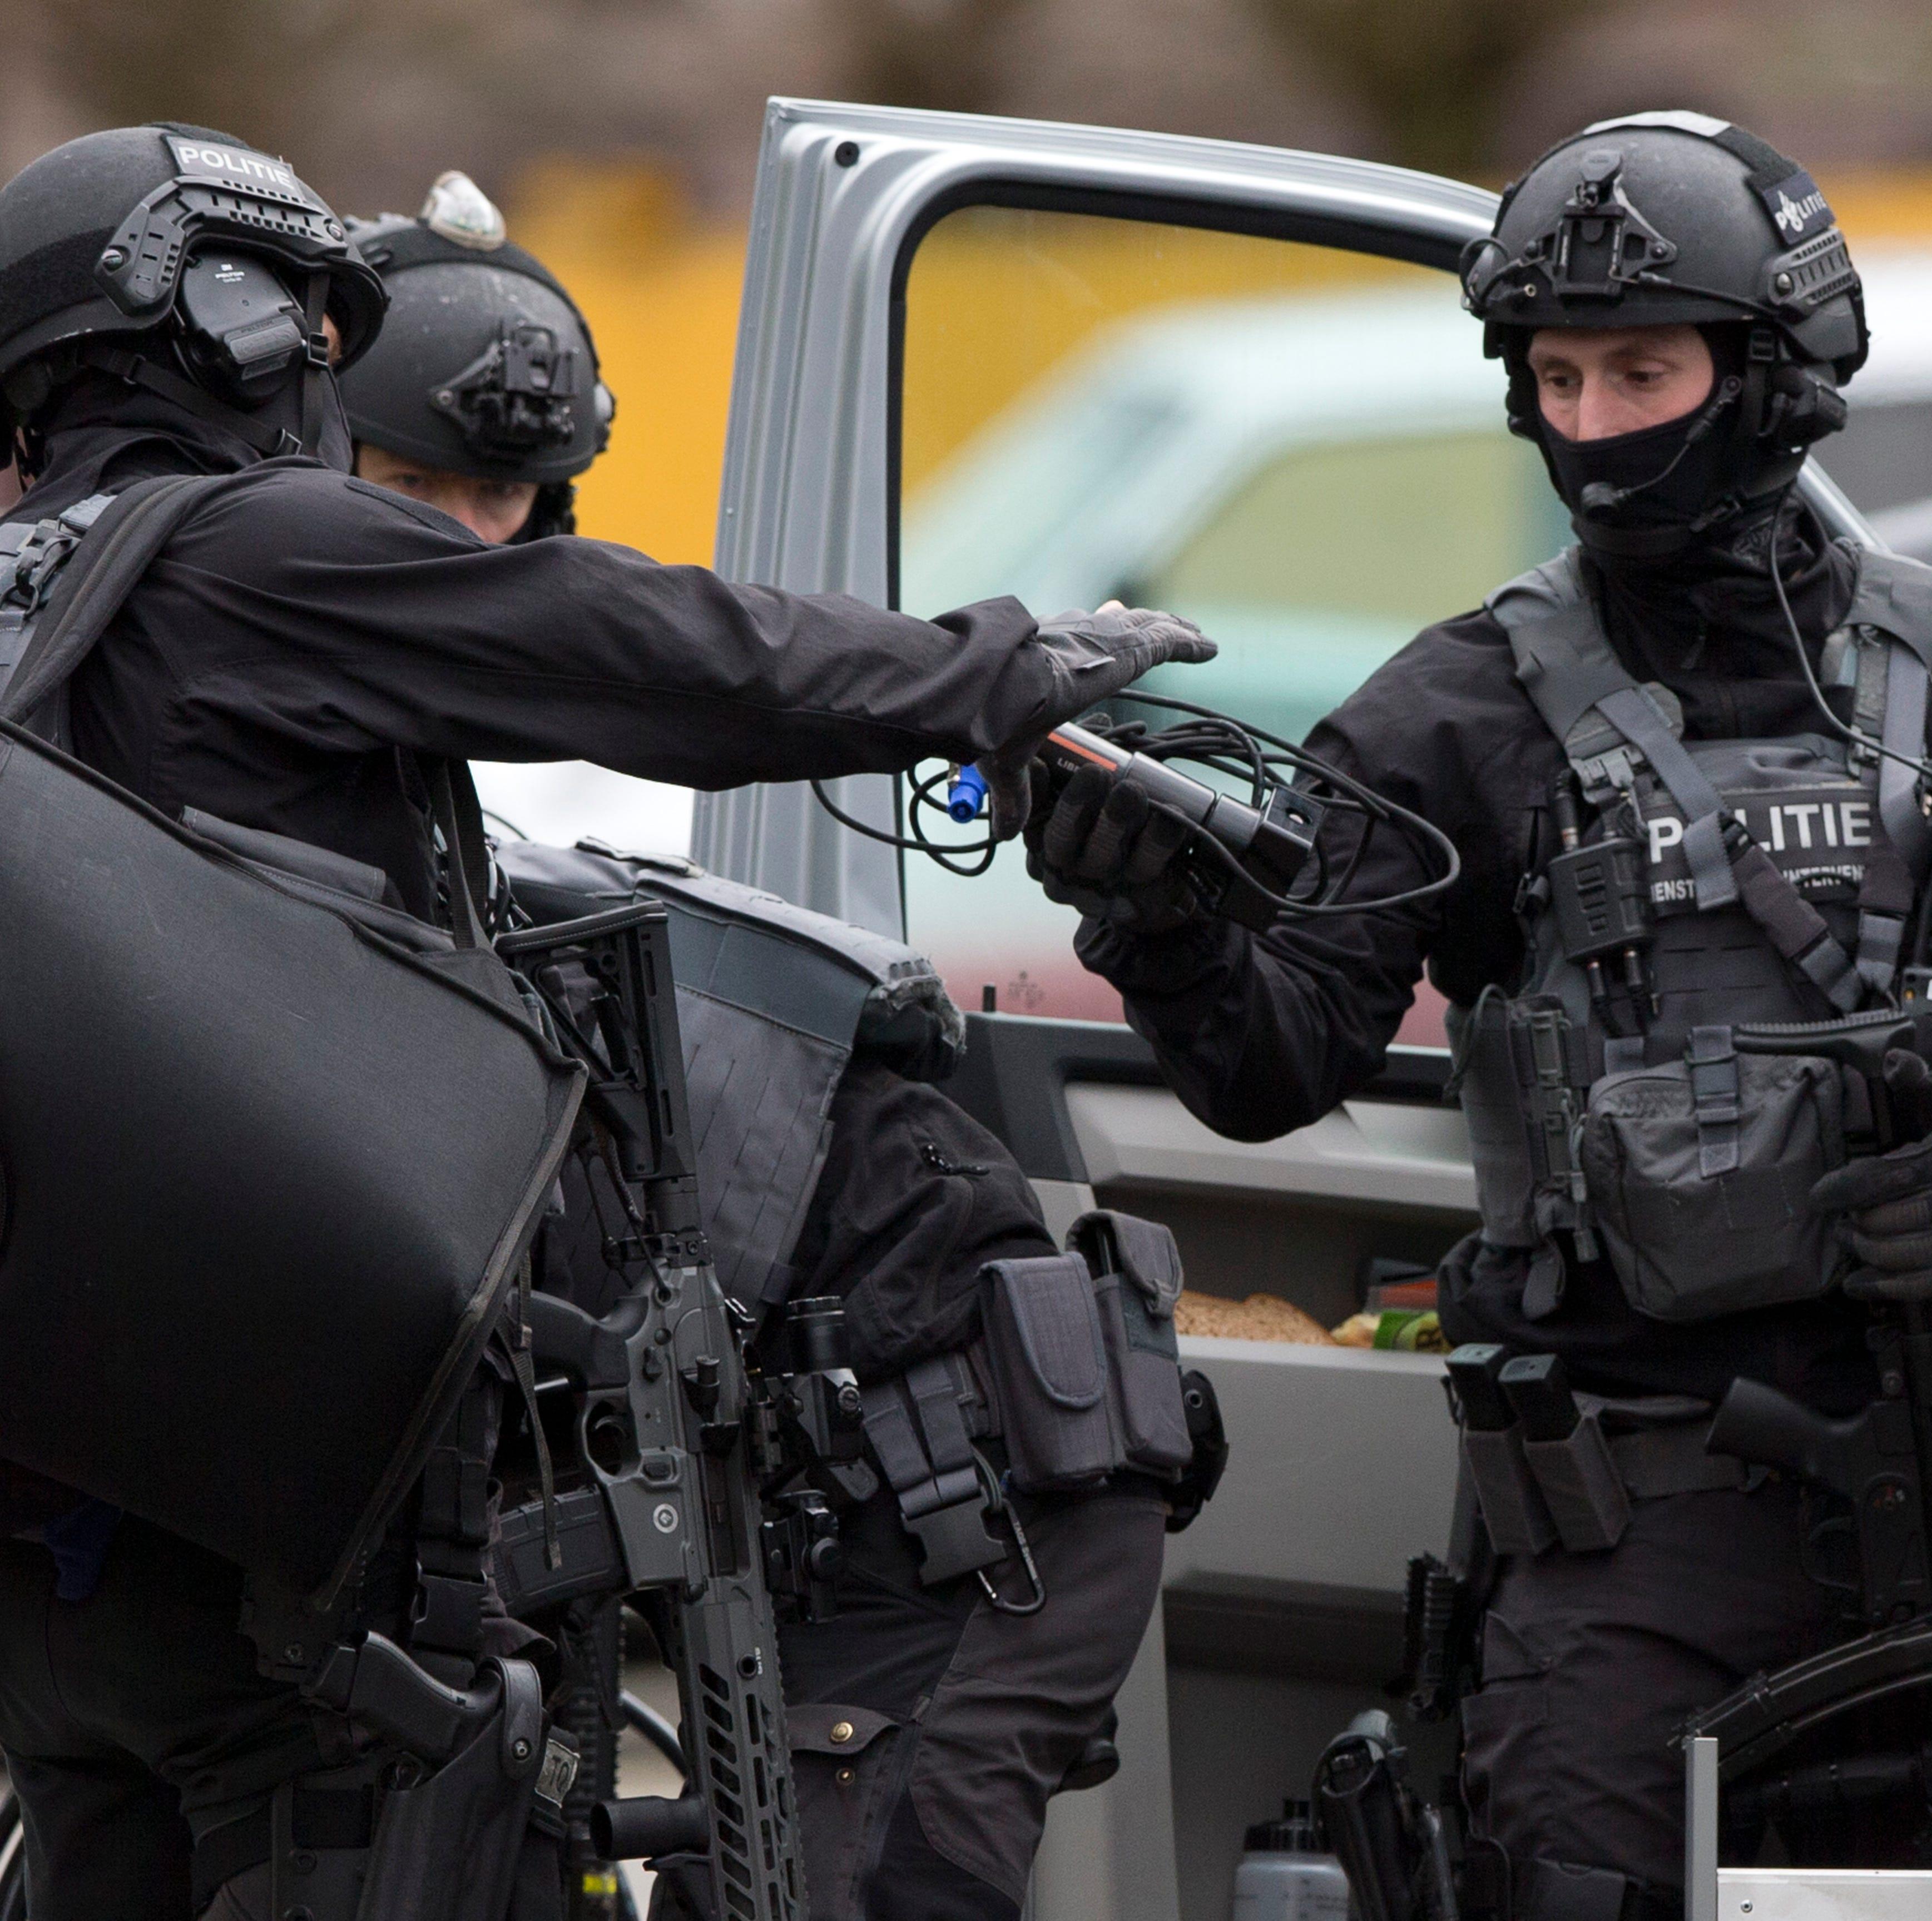 3 muertos, 5 heridos en ataque en tranvía en Holanda